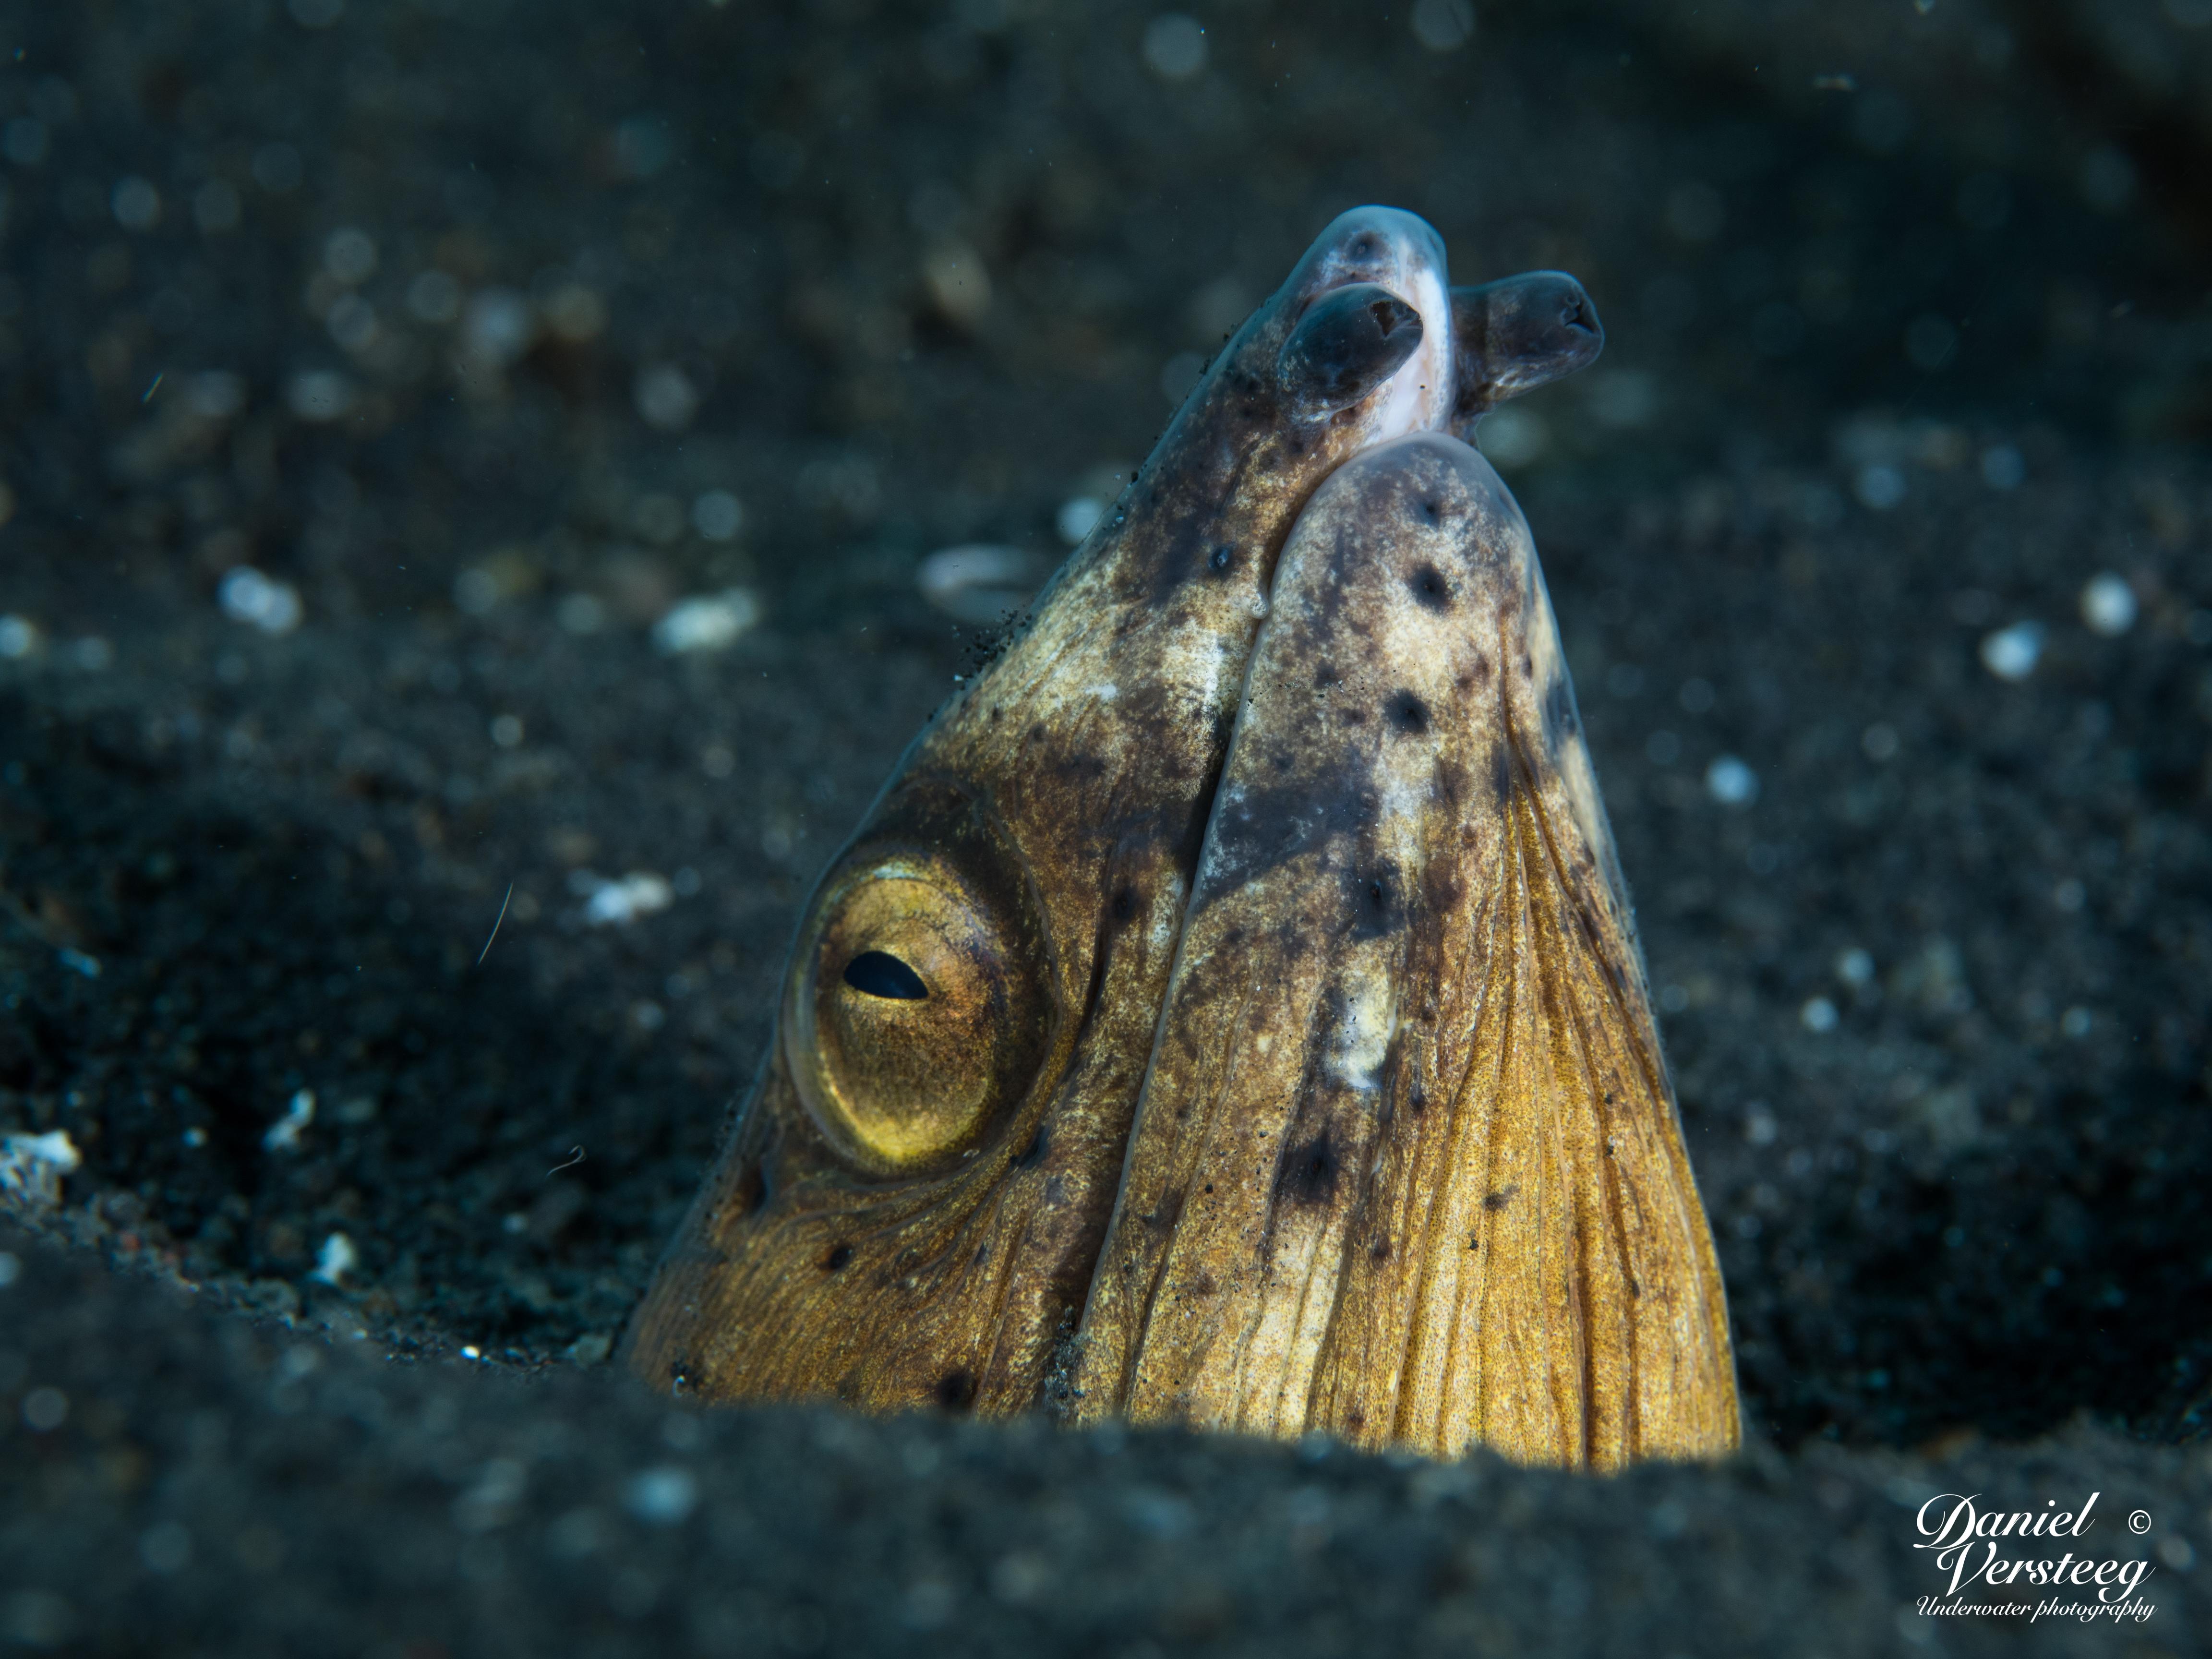 Daniel_Versteeg_foto-2-snak-eel-normale-belichting